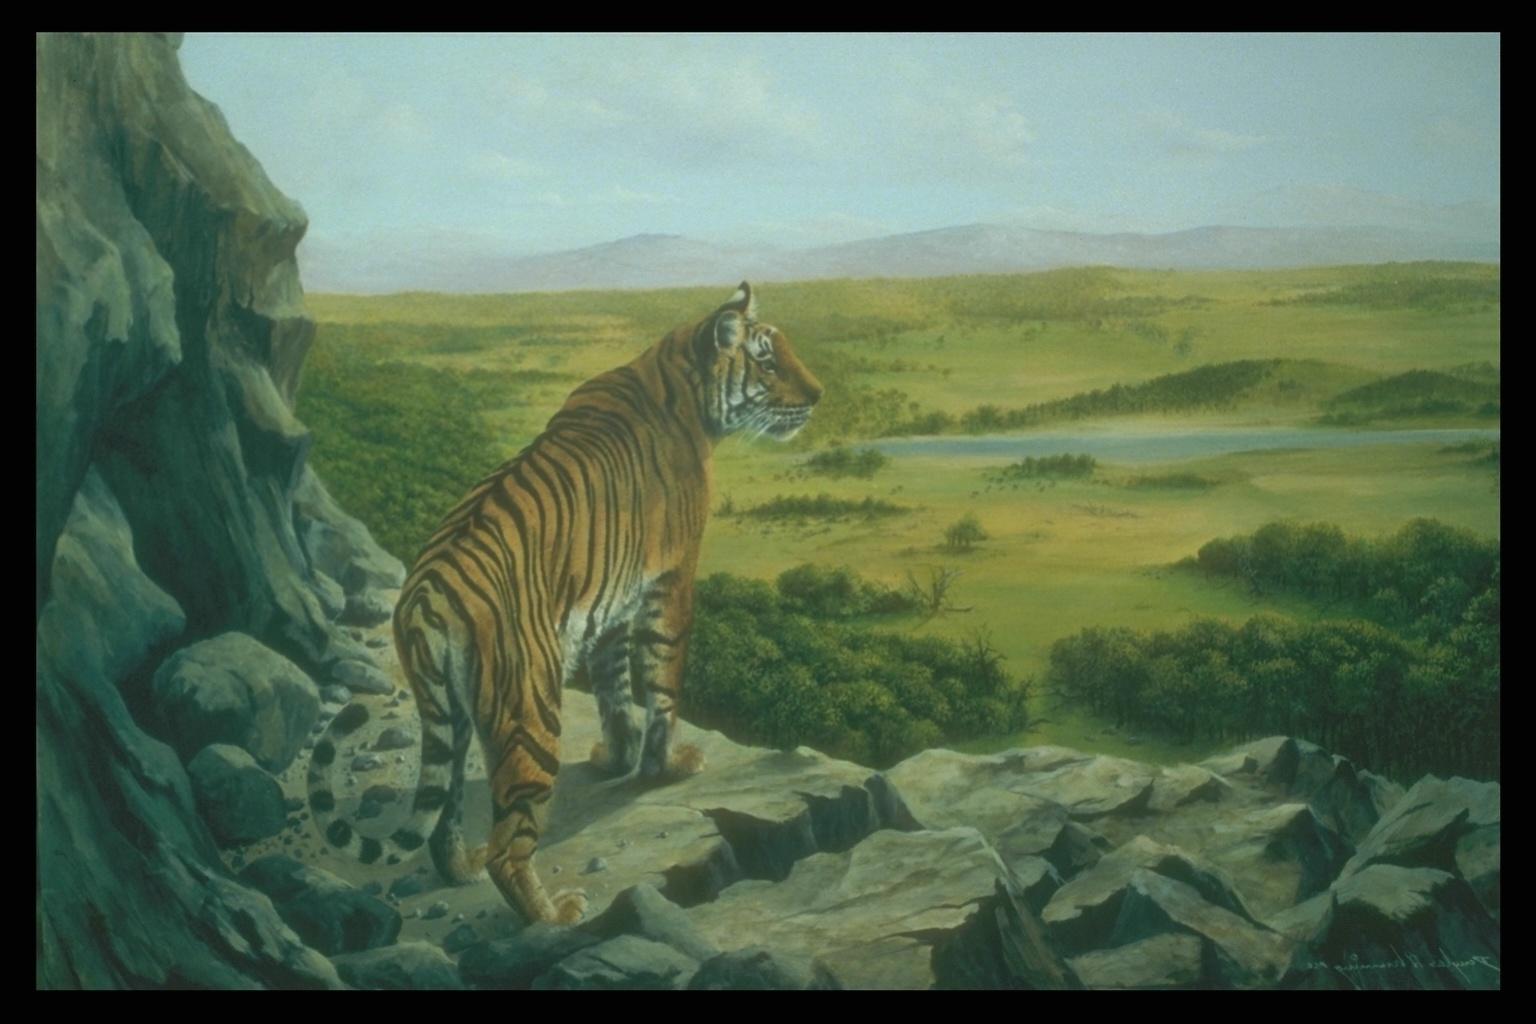 Амурский тигр картинки фото